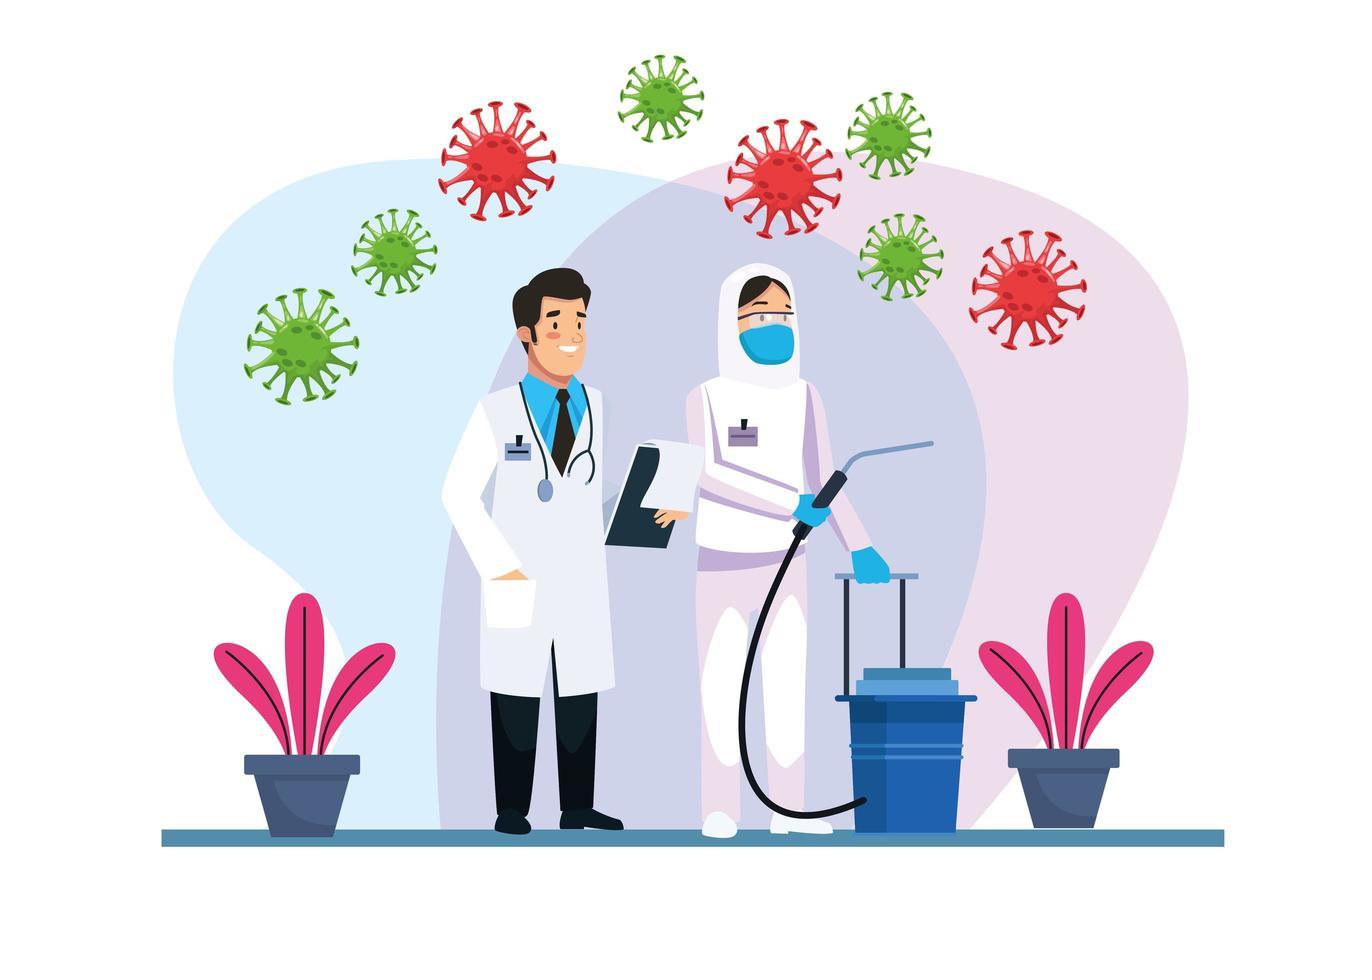 Biohazard Reinigungsperson und Arzt vektor